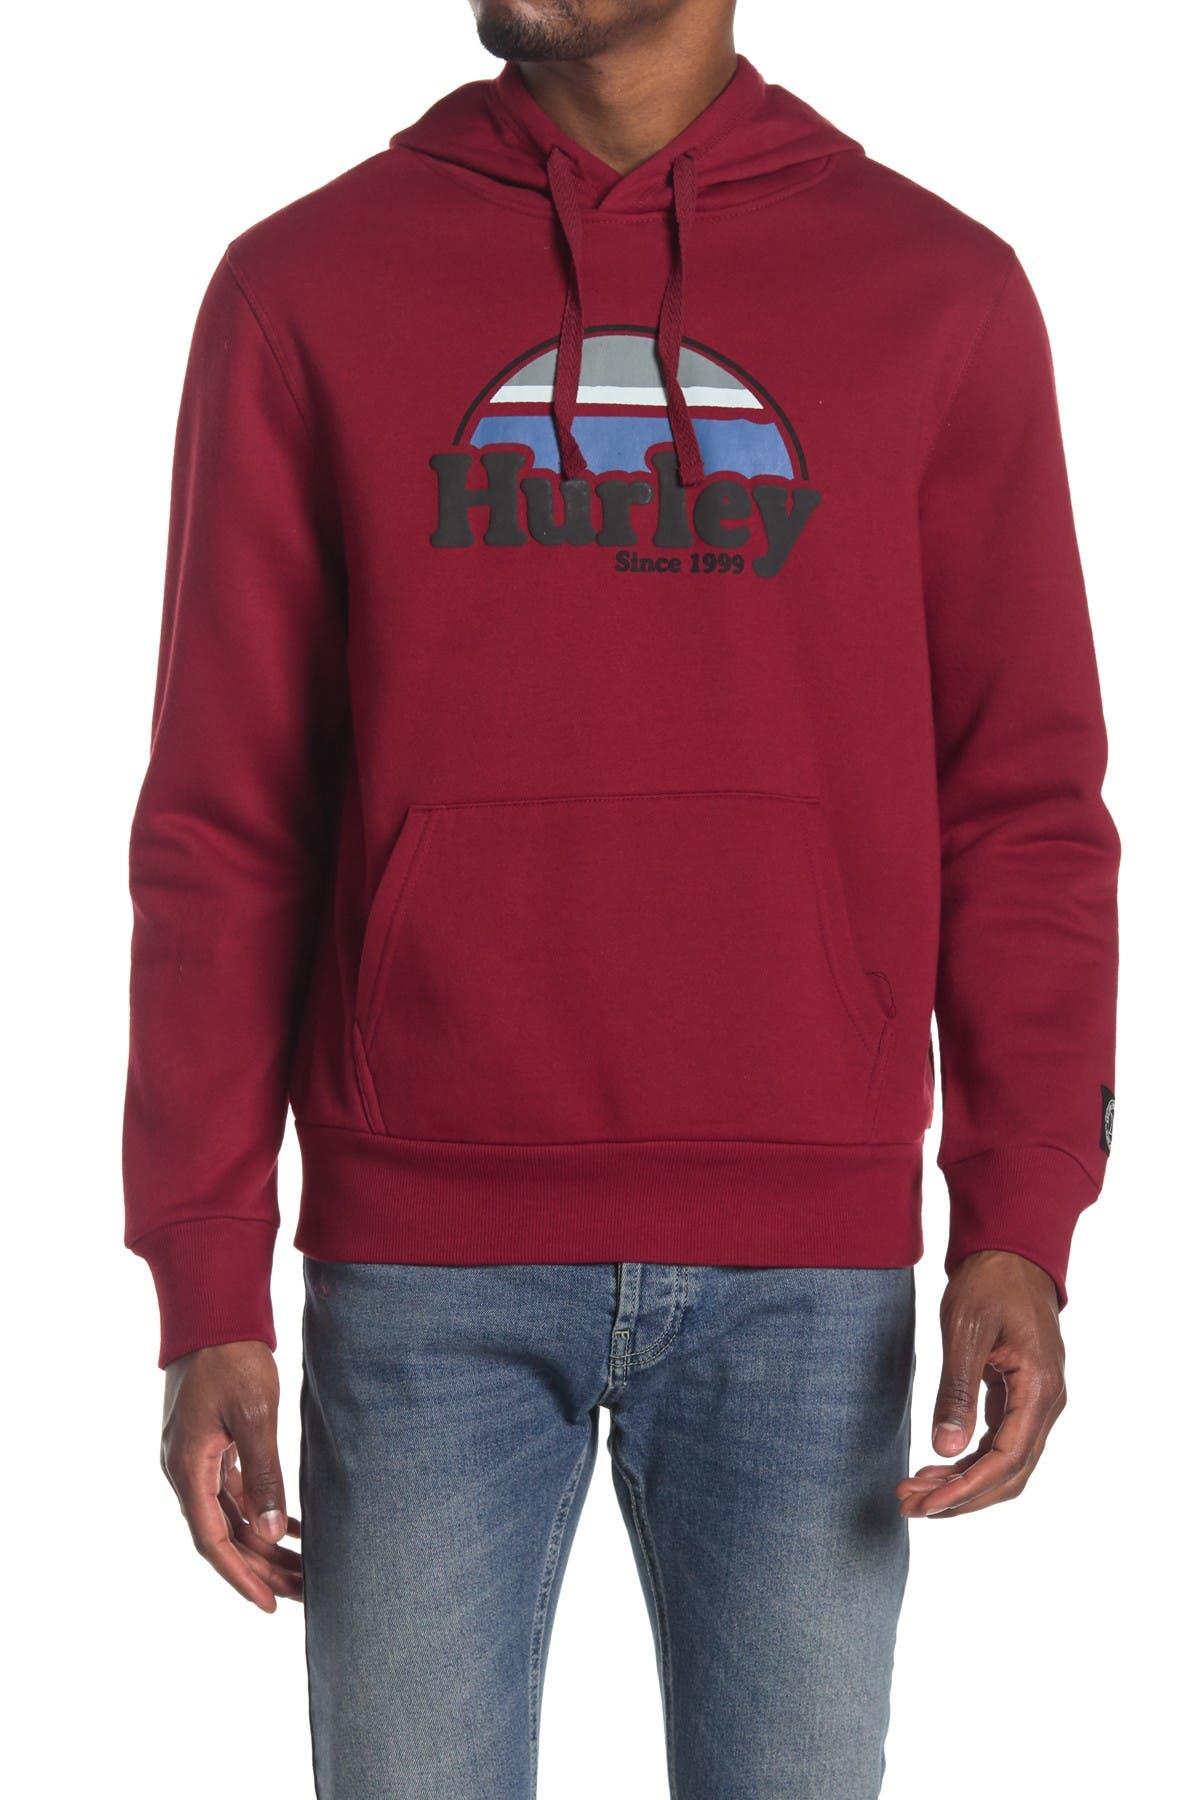 Image of Hurley Fleece Pullover Hoodie